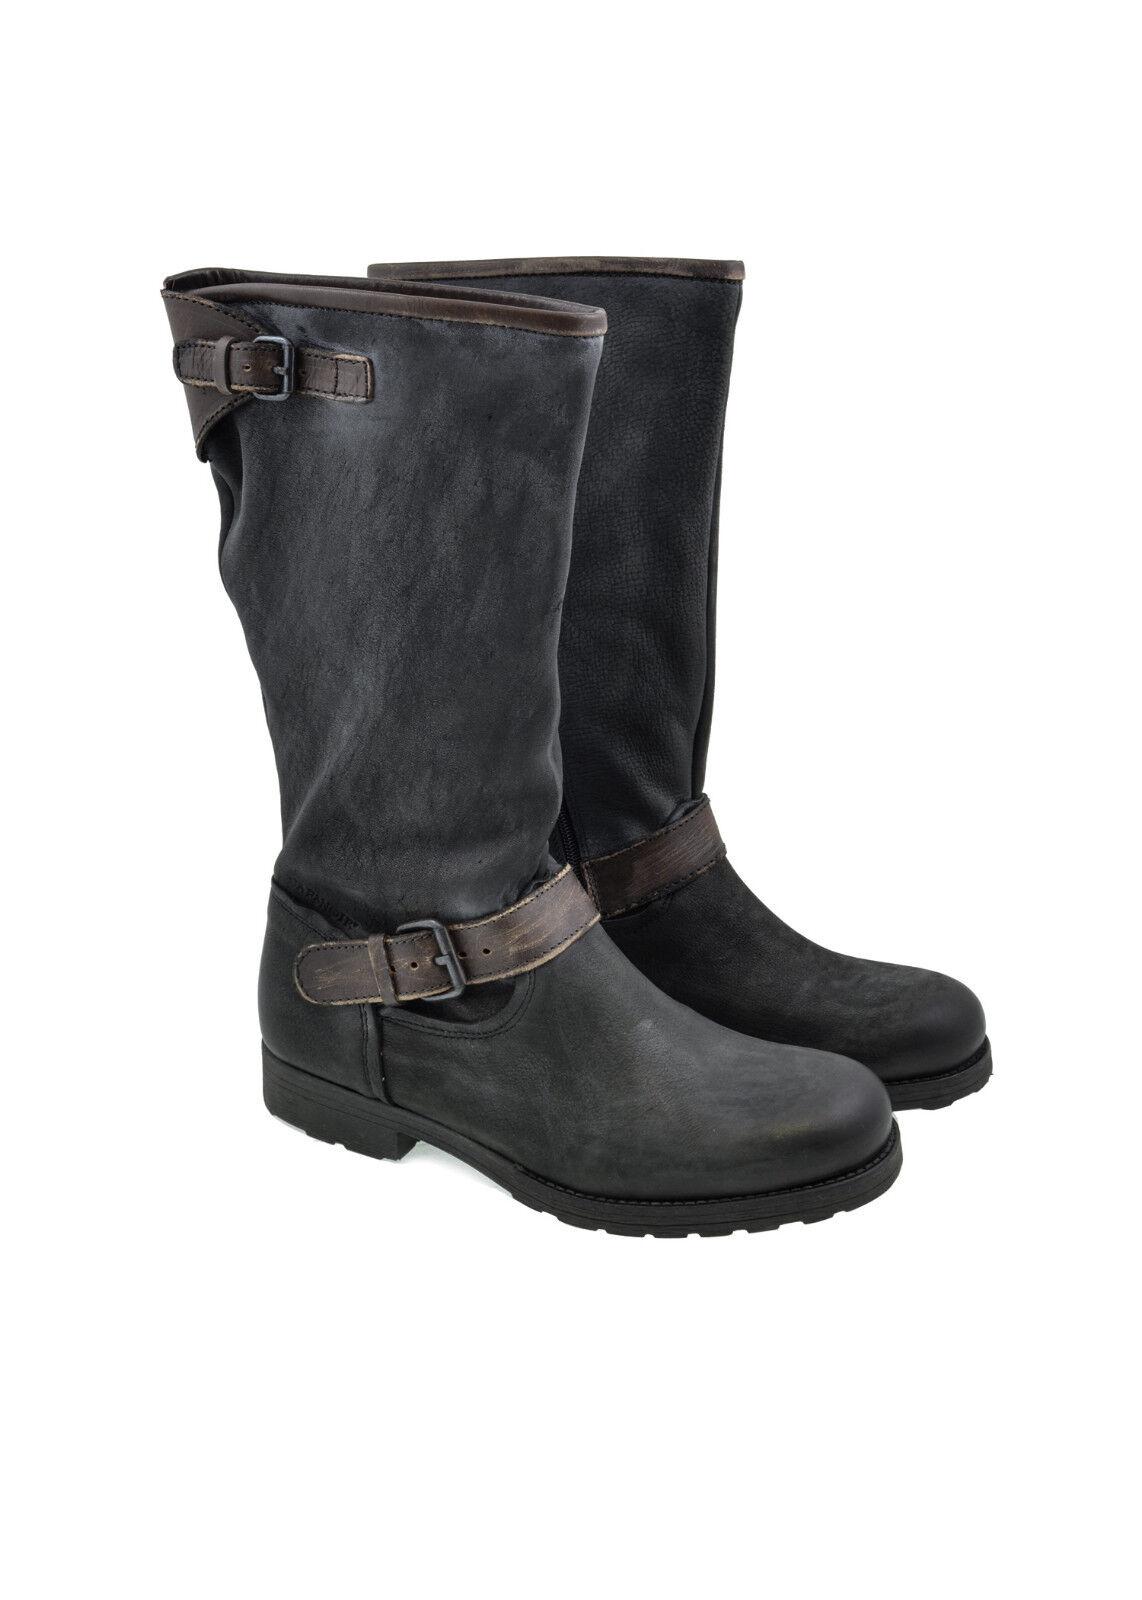 Garanzia del prezzo al 100% Stivali donna CAFè nero nero nero in pelle effetto vintage  economico e alla moda